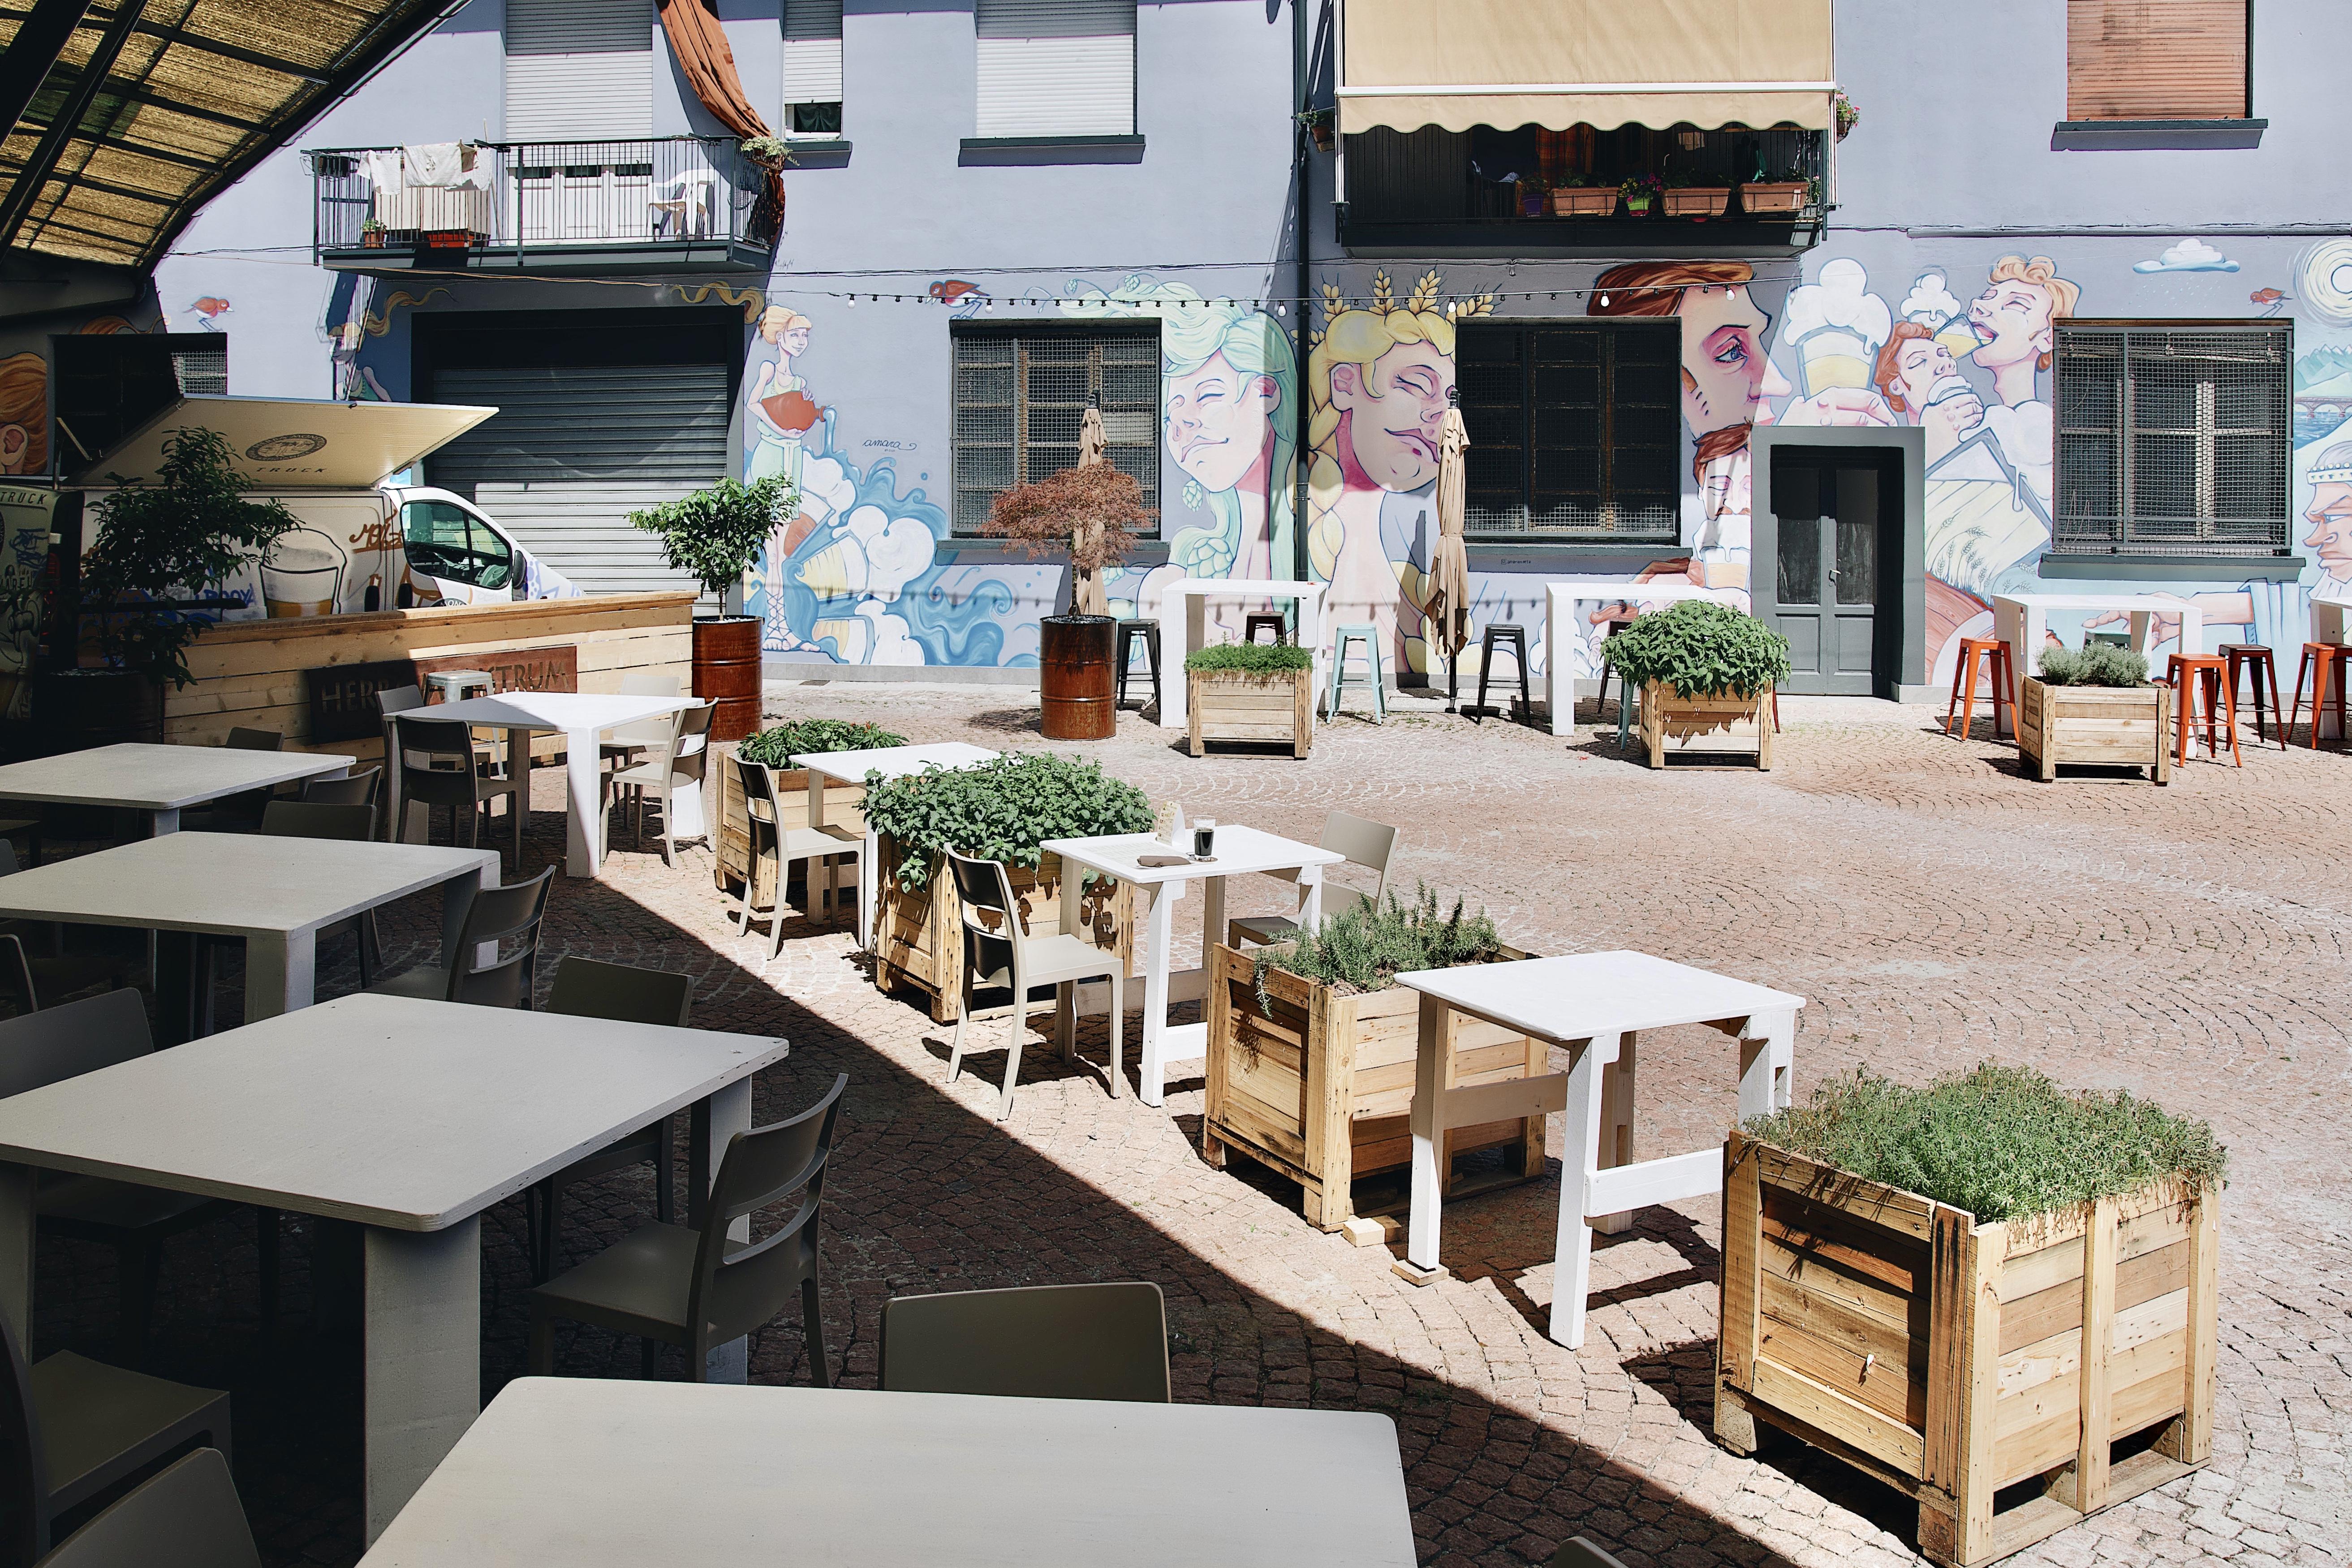 Herba Monstrum Brewery, Urban Beer Garden. Apertura terrazza esterna. Via Ettore Monti, 29, 23851 in zona Ponte Azzone Visconti Lecco. Hamburger, patatine, birra artigianale, caffè Malatesta.